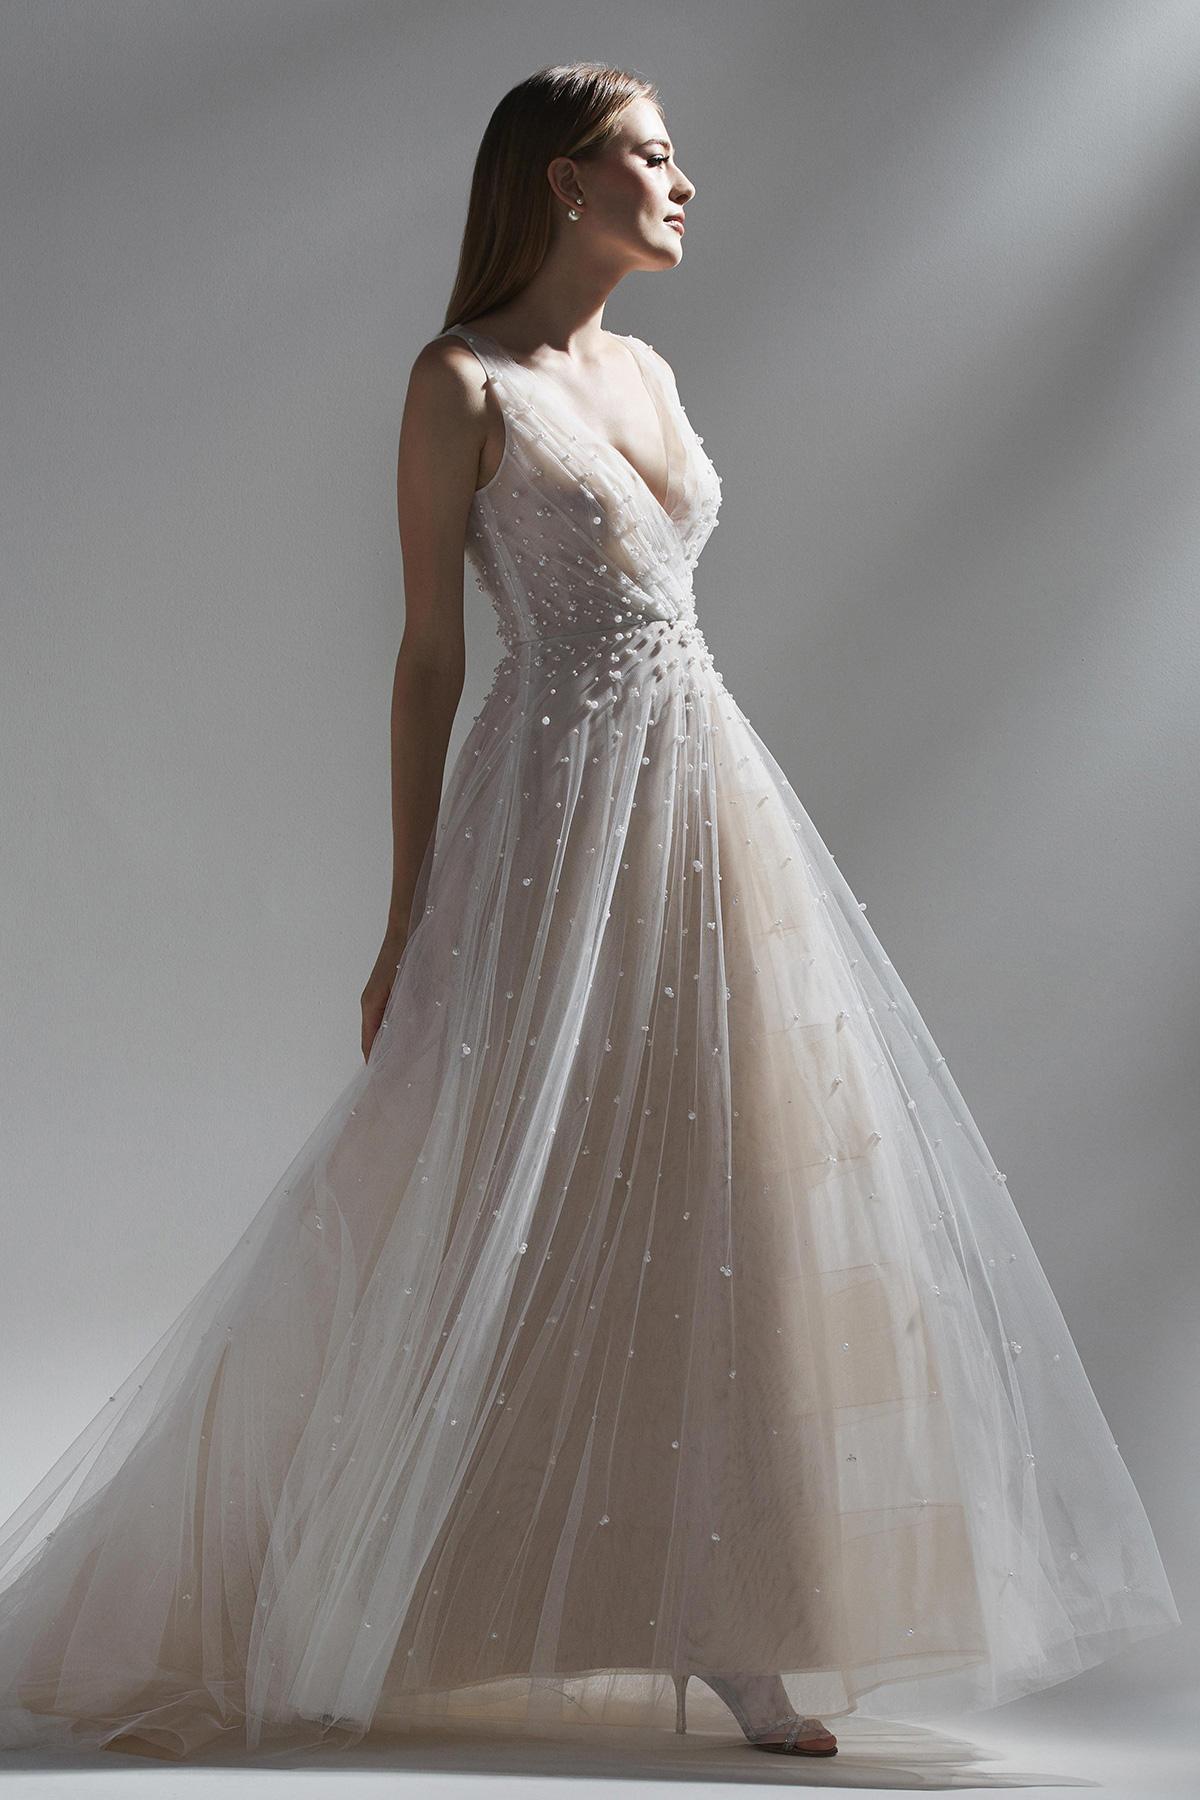 kodi wattens dress